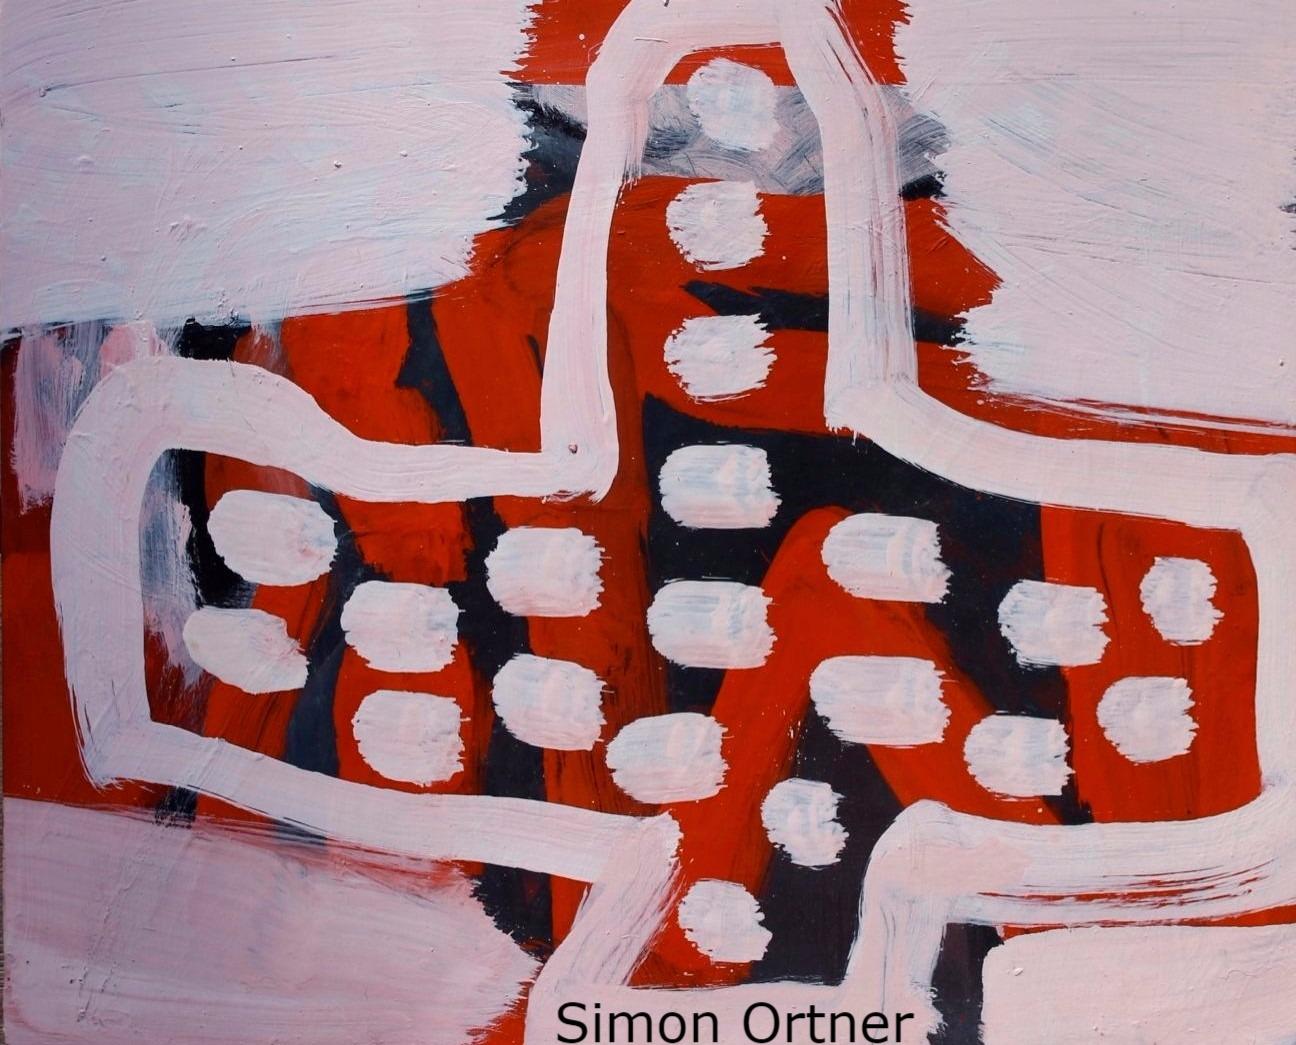 Simon Ortner